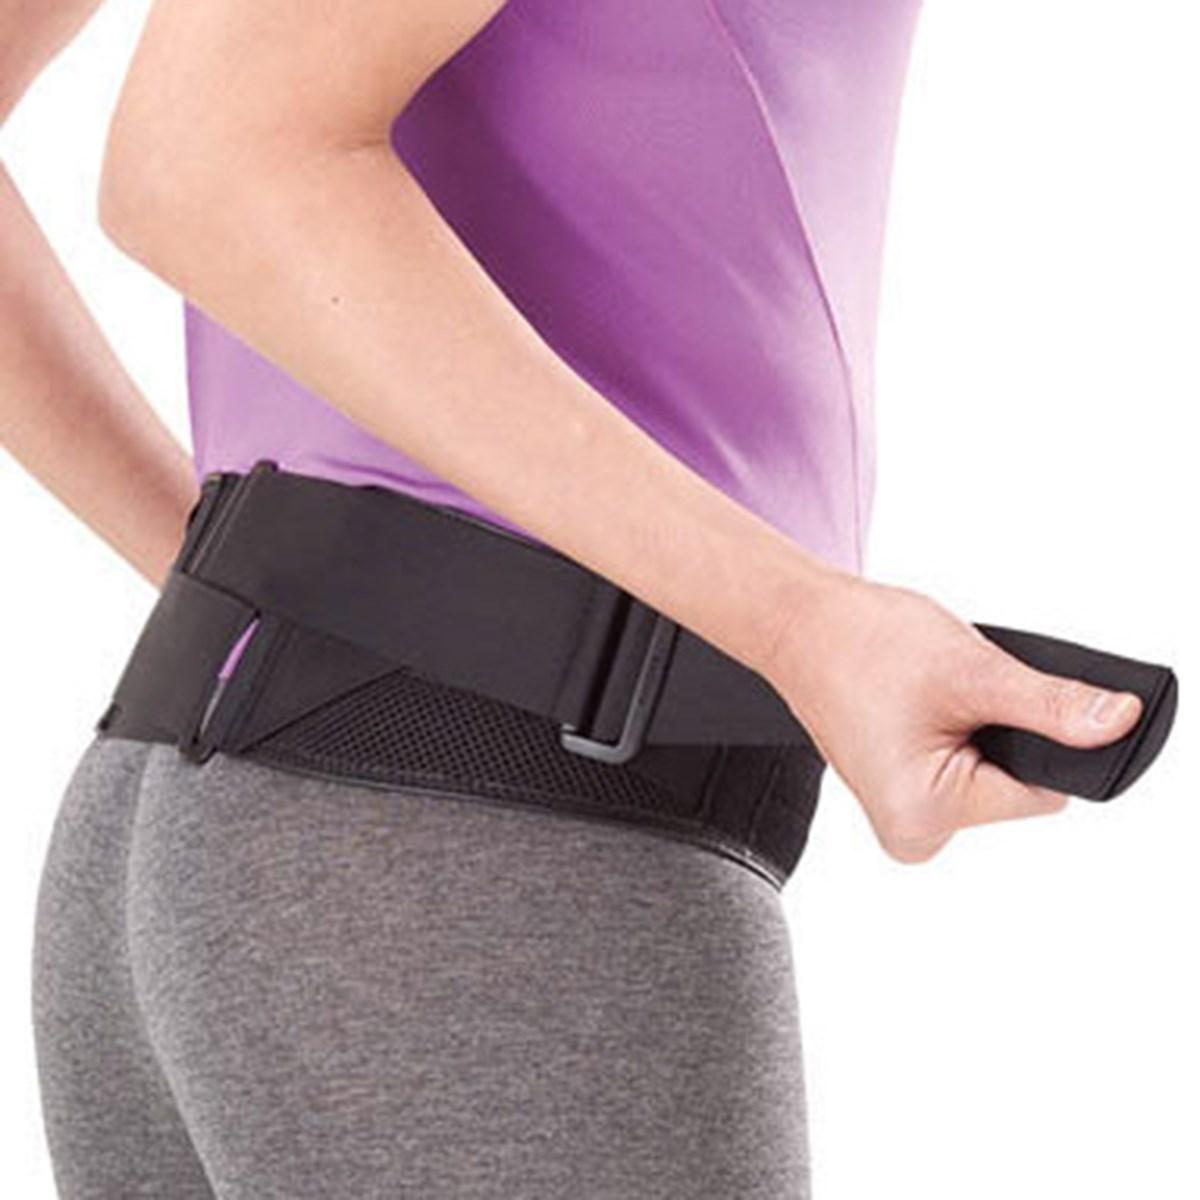 ミズノ MIZUNO 補助ベルト付き腰部骨盤ベルト ノーマルタイプ M-L ブラック